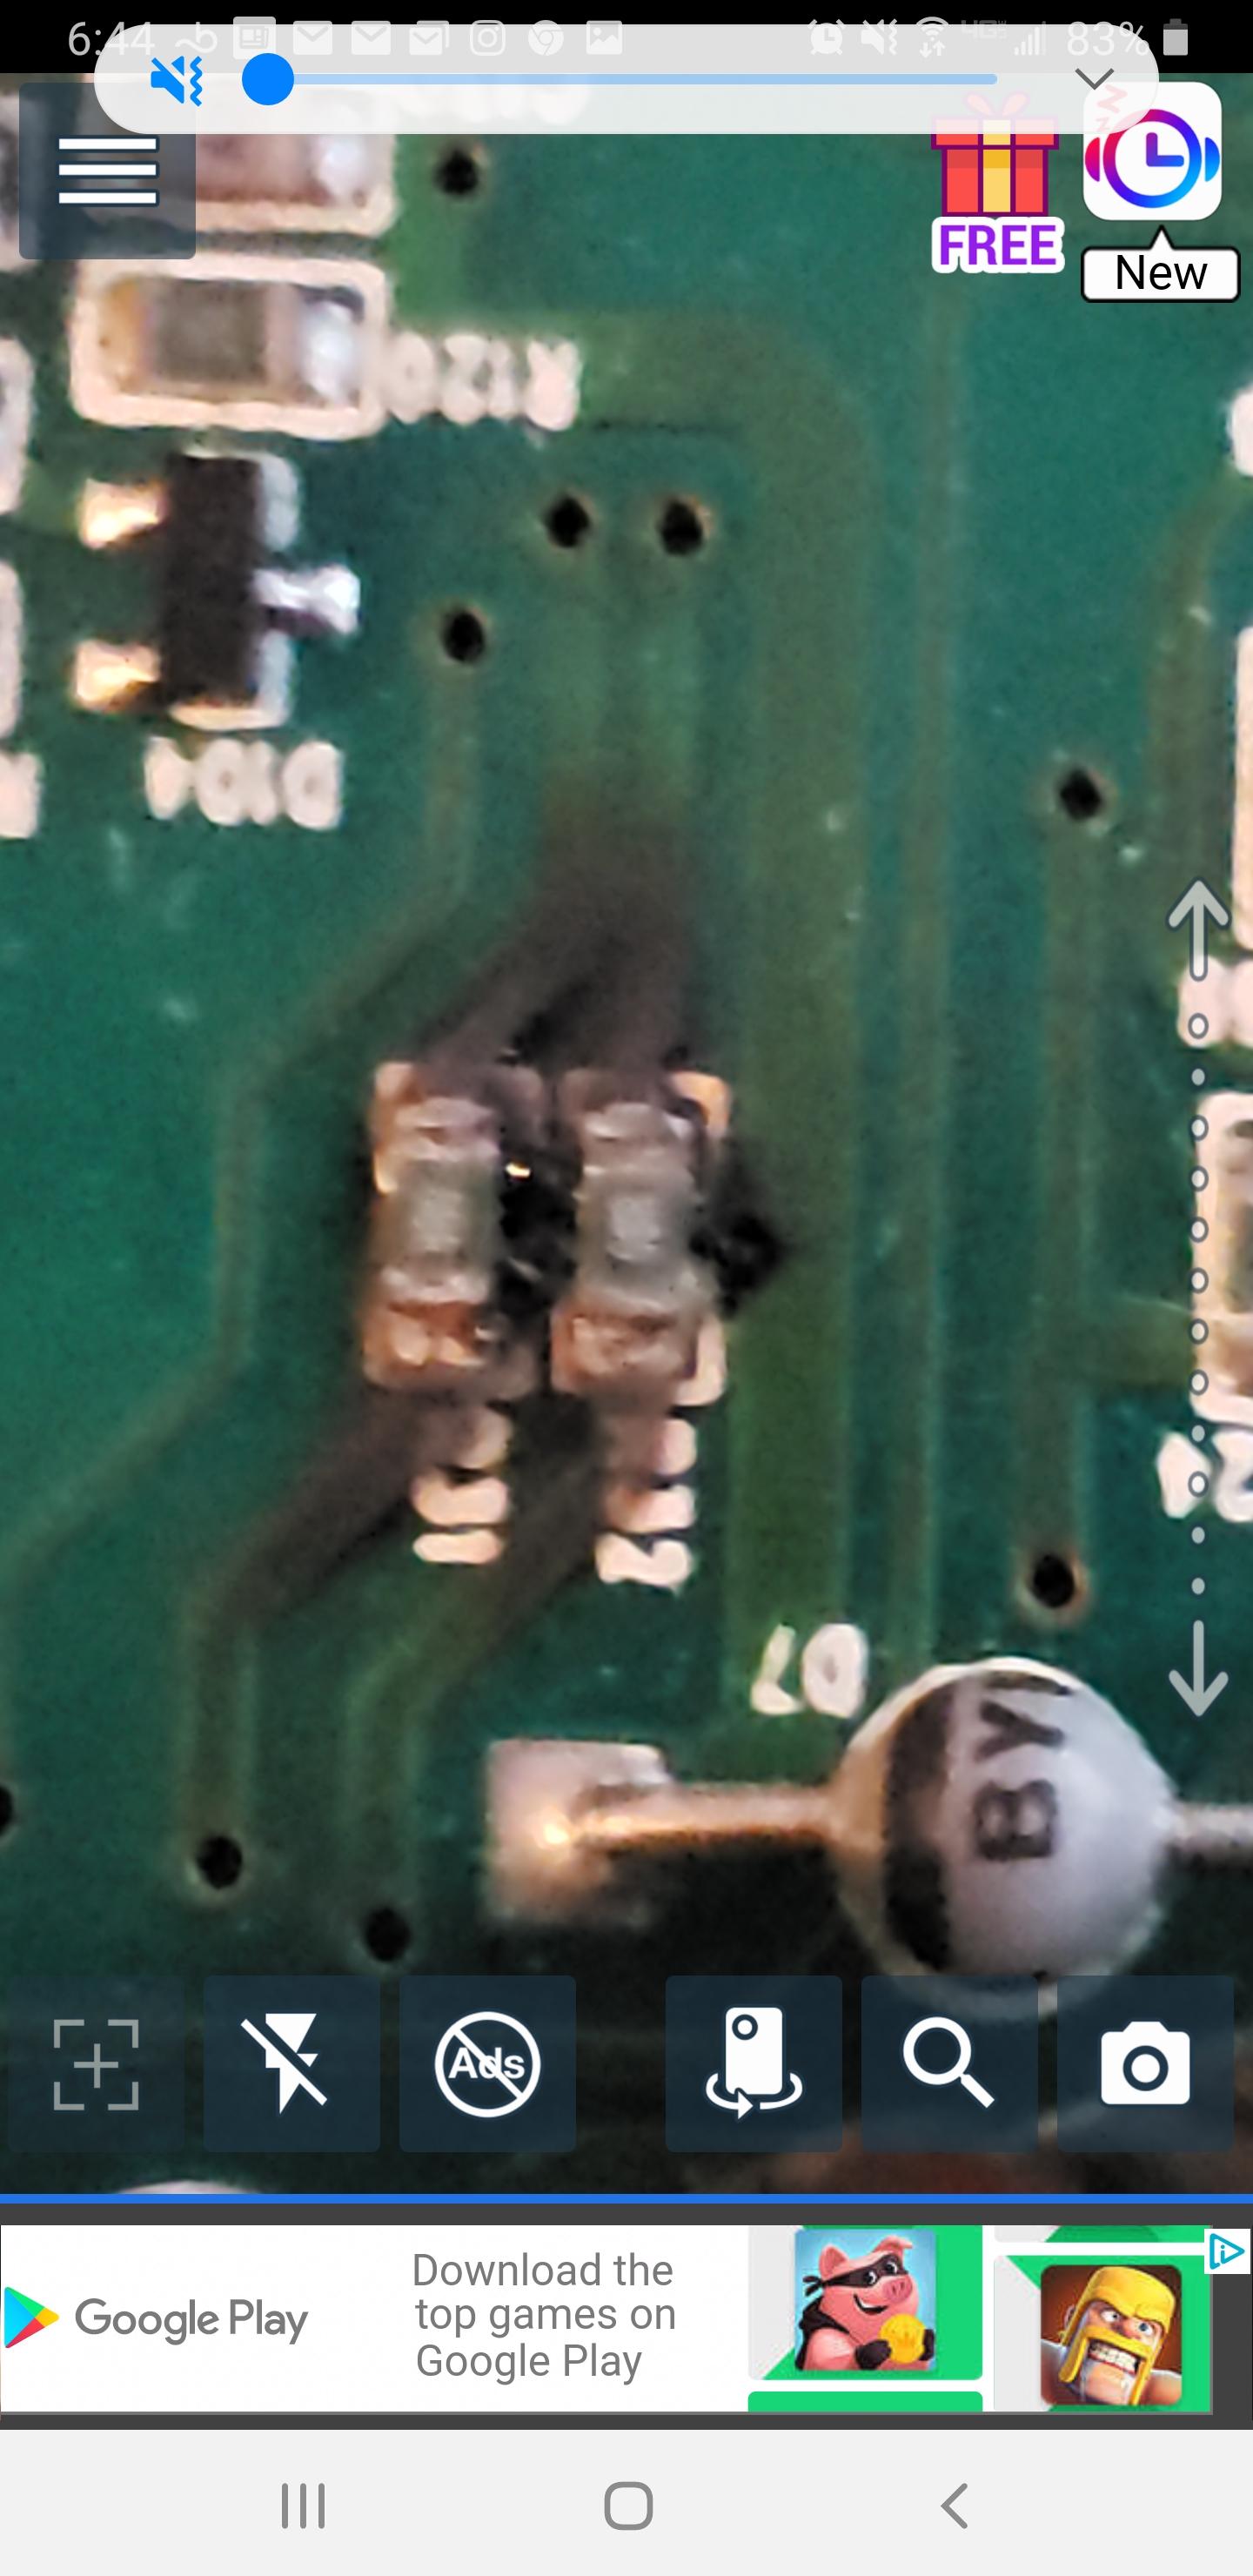 Car Amp Repair : repair, Repair, Question, Audio, CarAudio.com